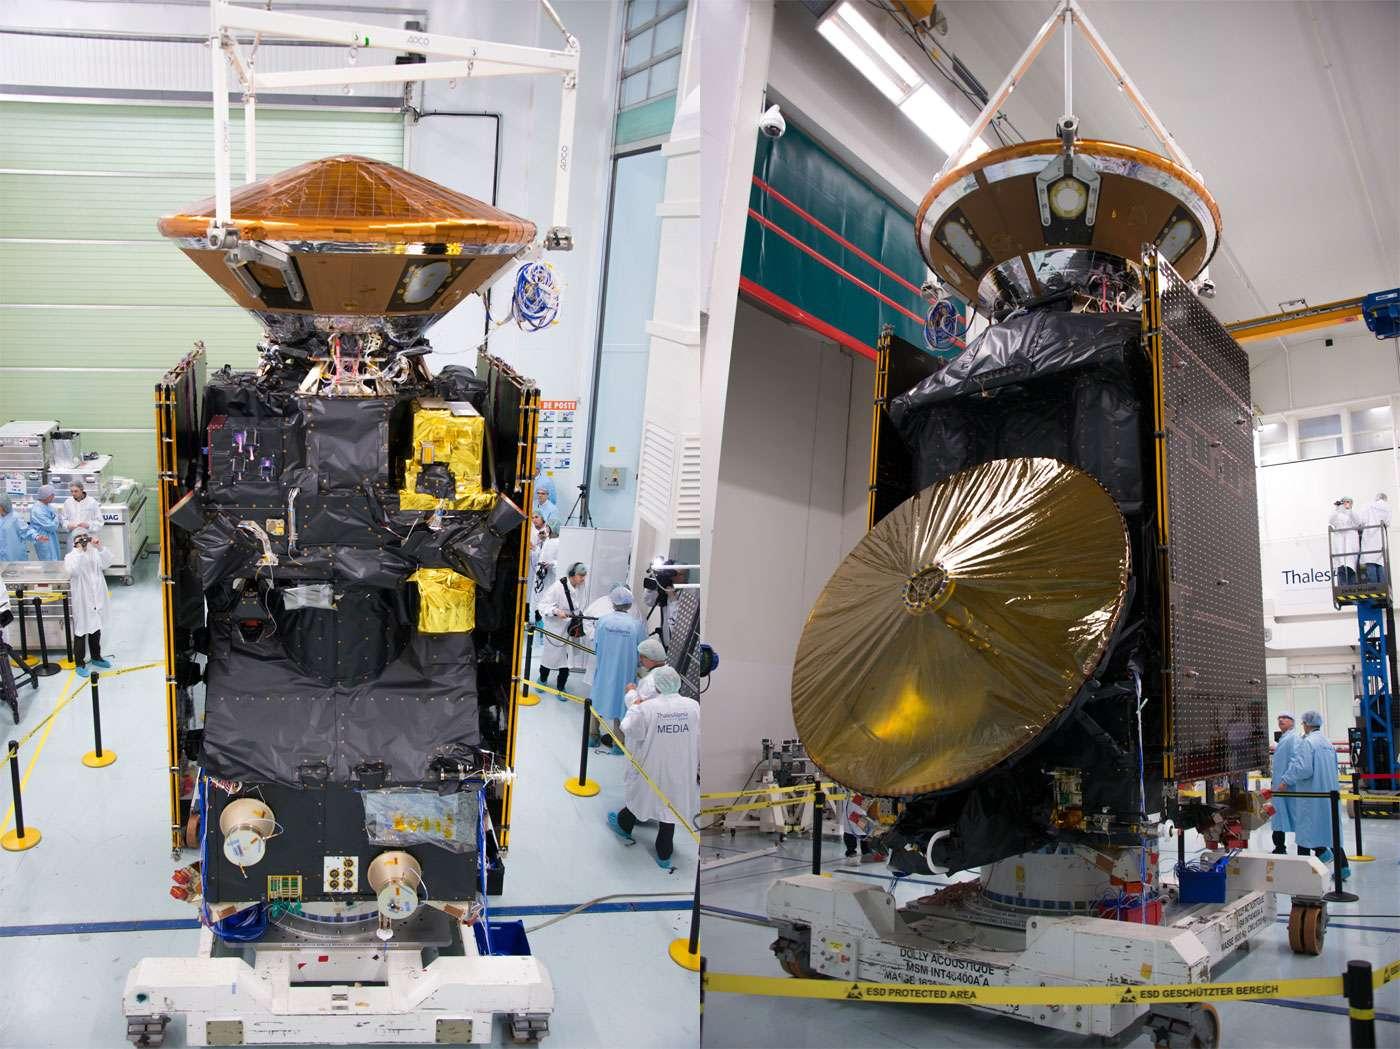 Avec ses 4,3 tonnes, ExoMars 2016 est l'engin le plus lourd jamais lancé à destination de Mars, dépassant Curiosity (3,9 tonnes) et les sondes Viking (3,5 tonnes). © Rémy Decourt